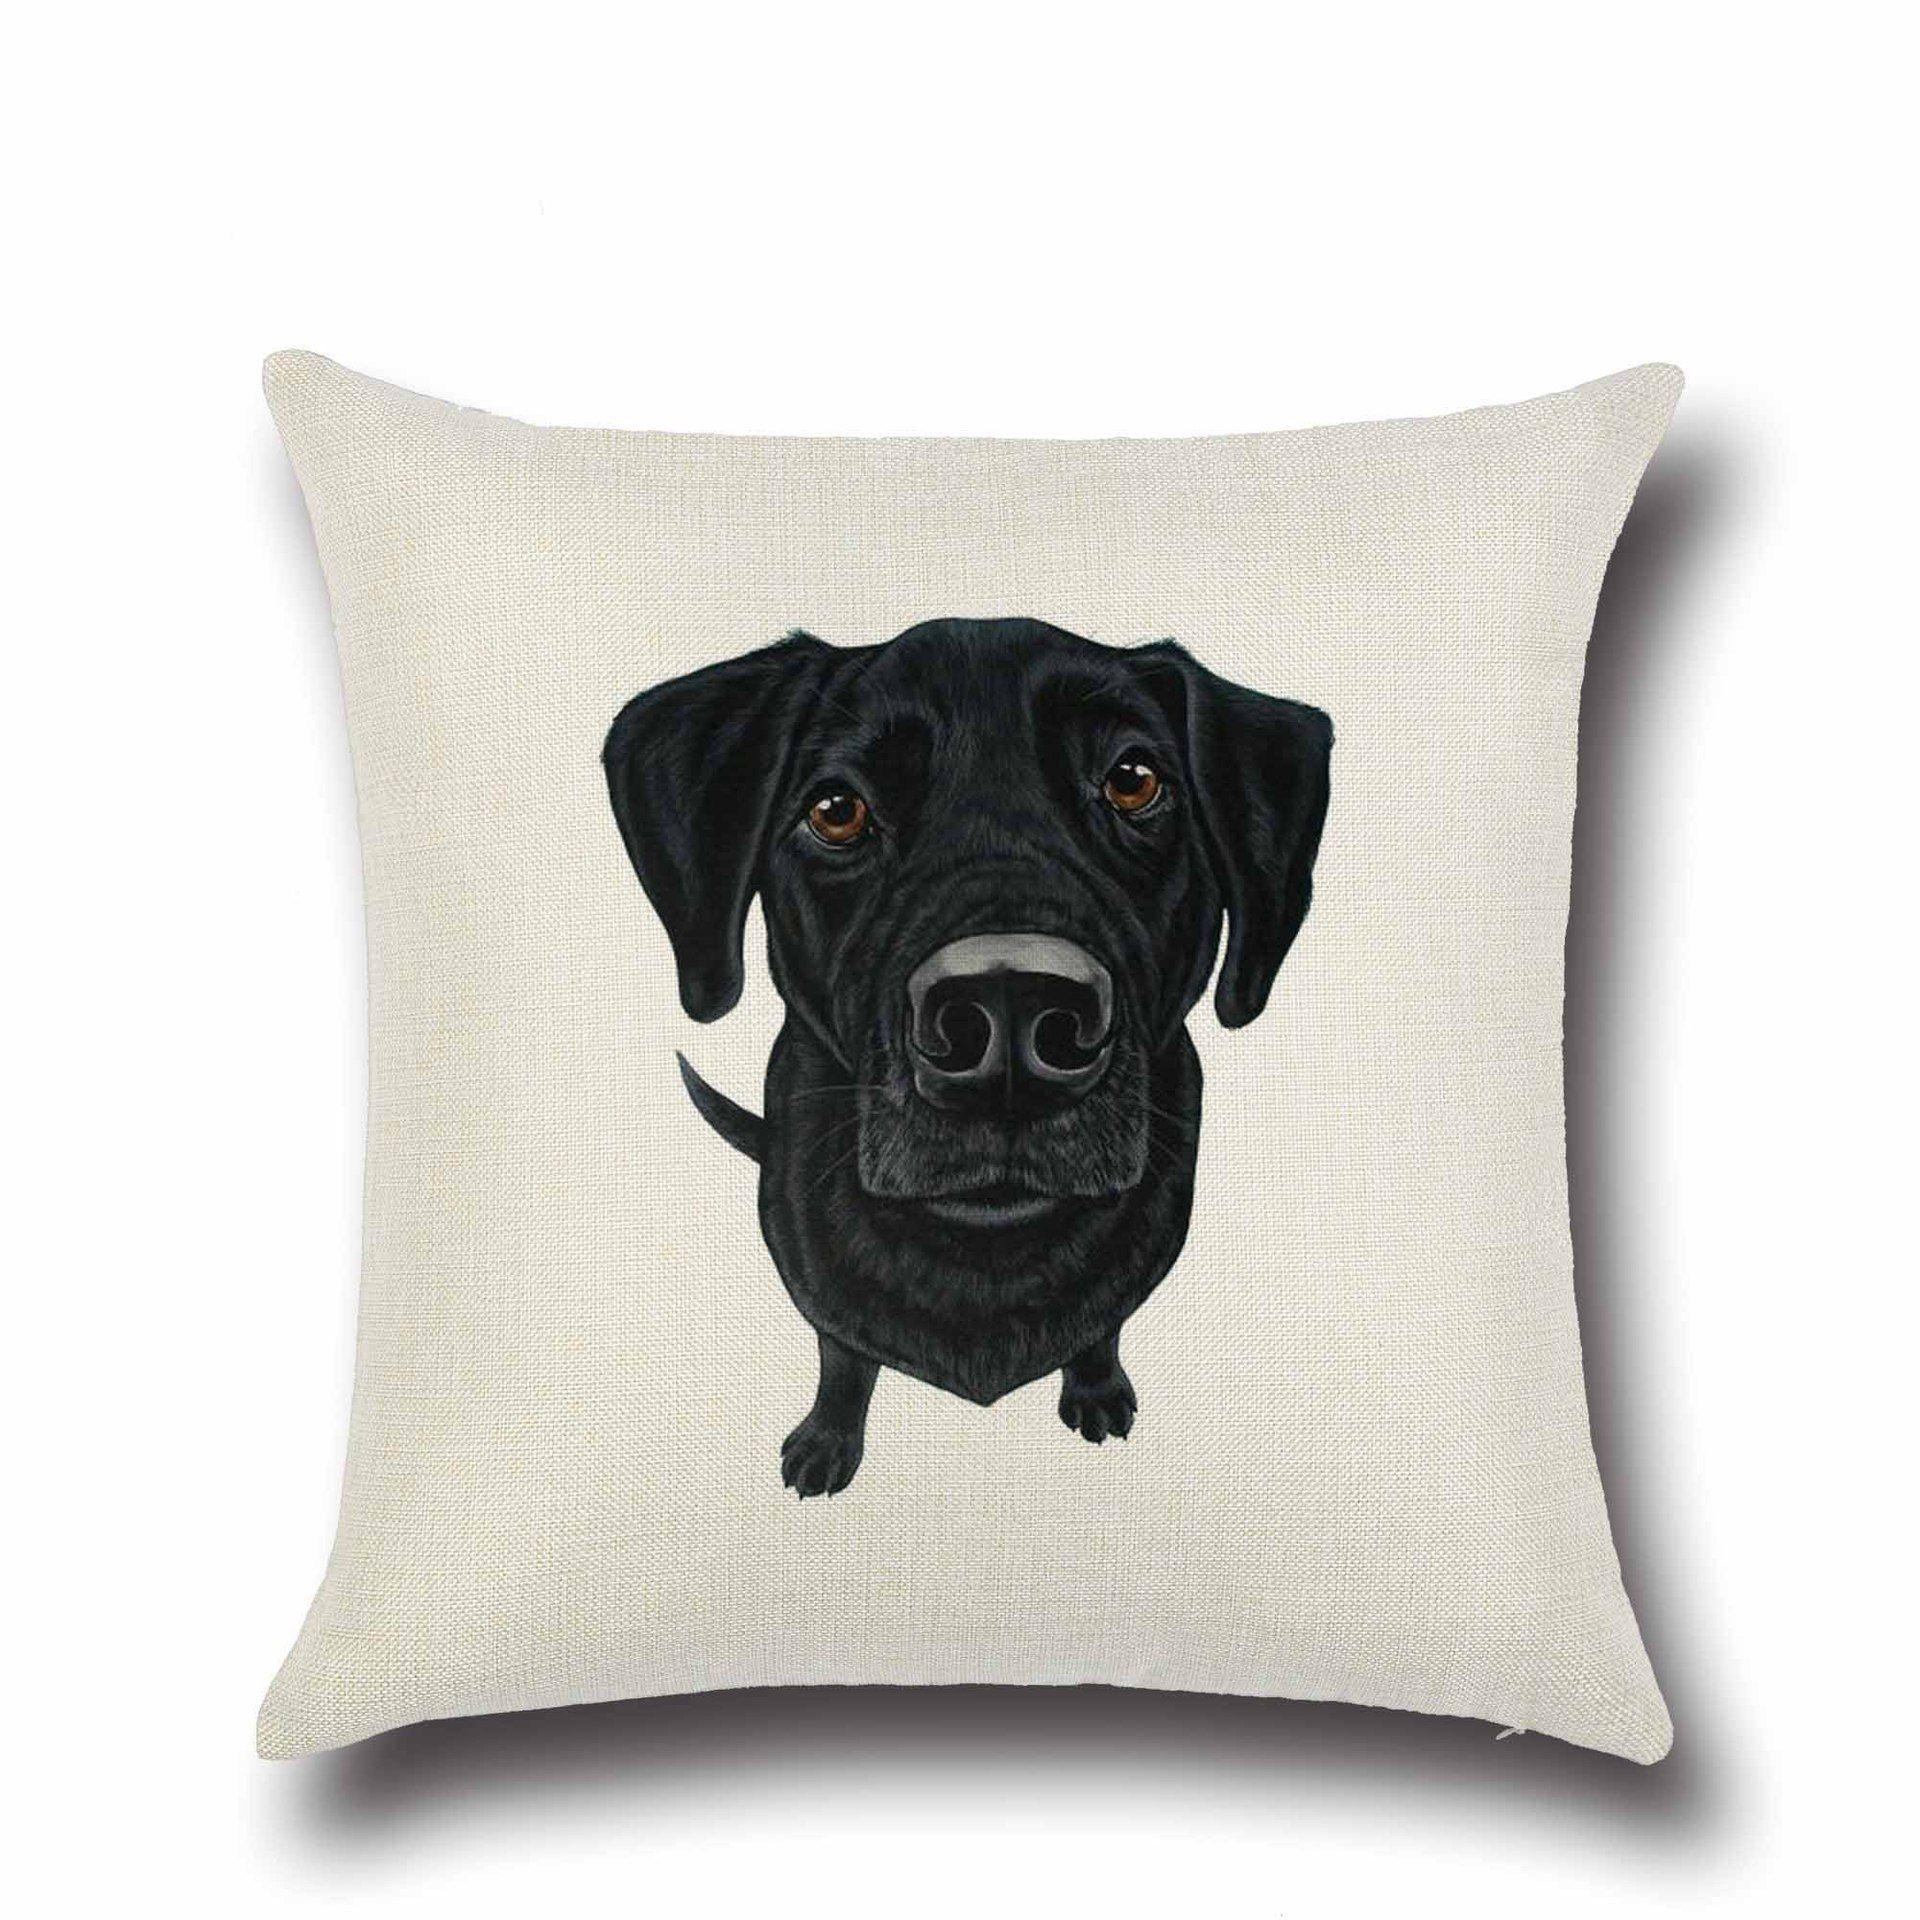 Fashion Animal Cushion Cover Dog For Children Decorative Sofa